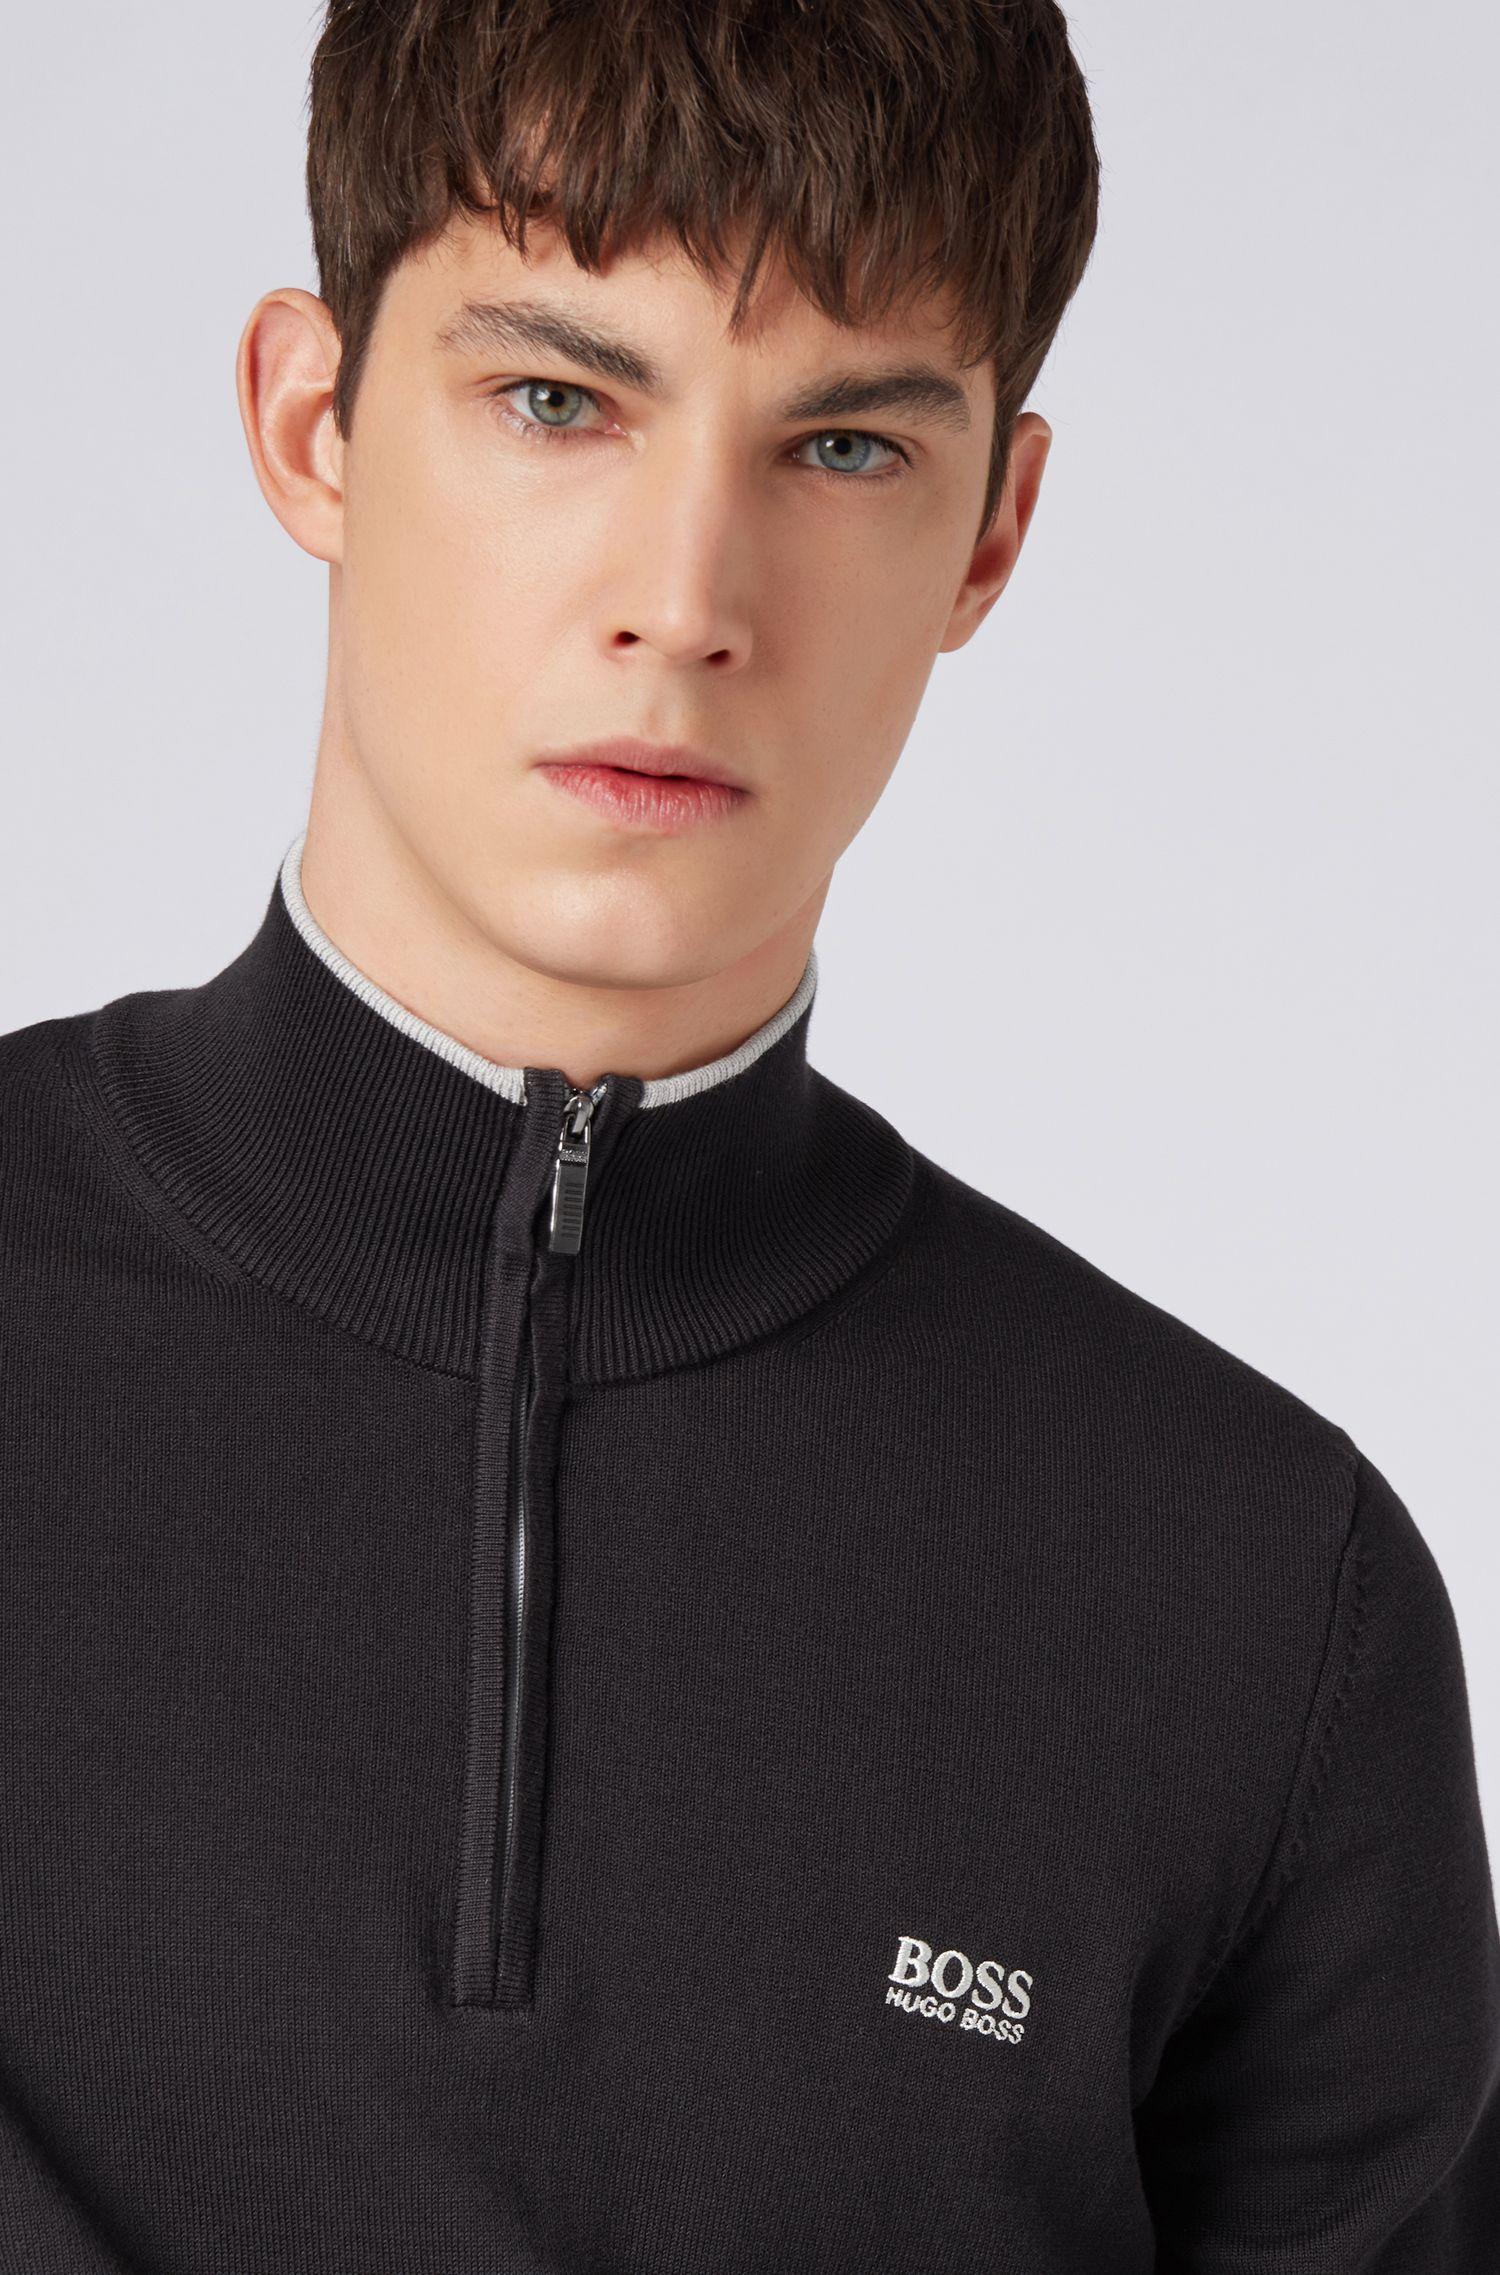 Maglione in misto cotone con profili a contrasto e colletto con zip , Nero